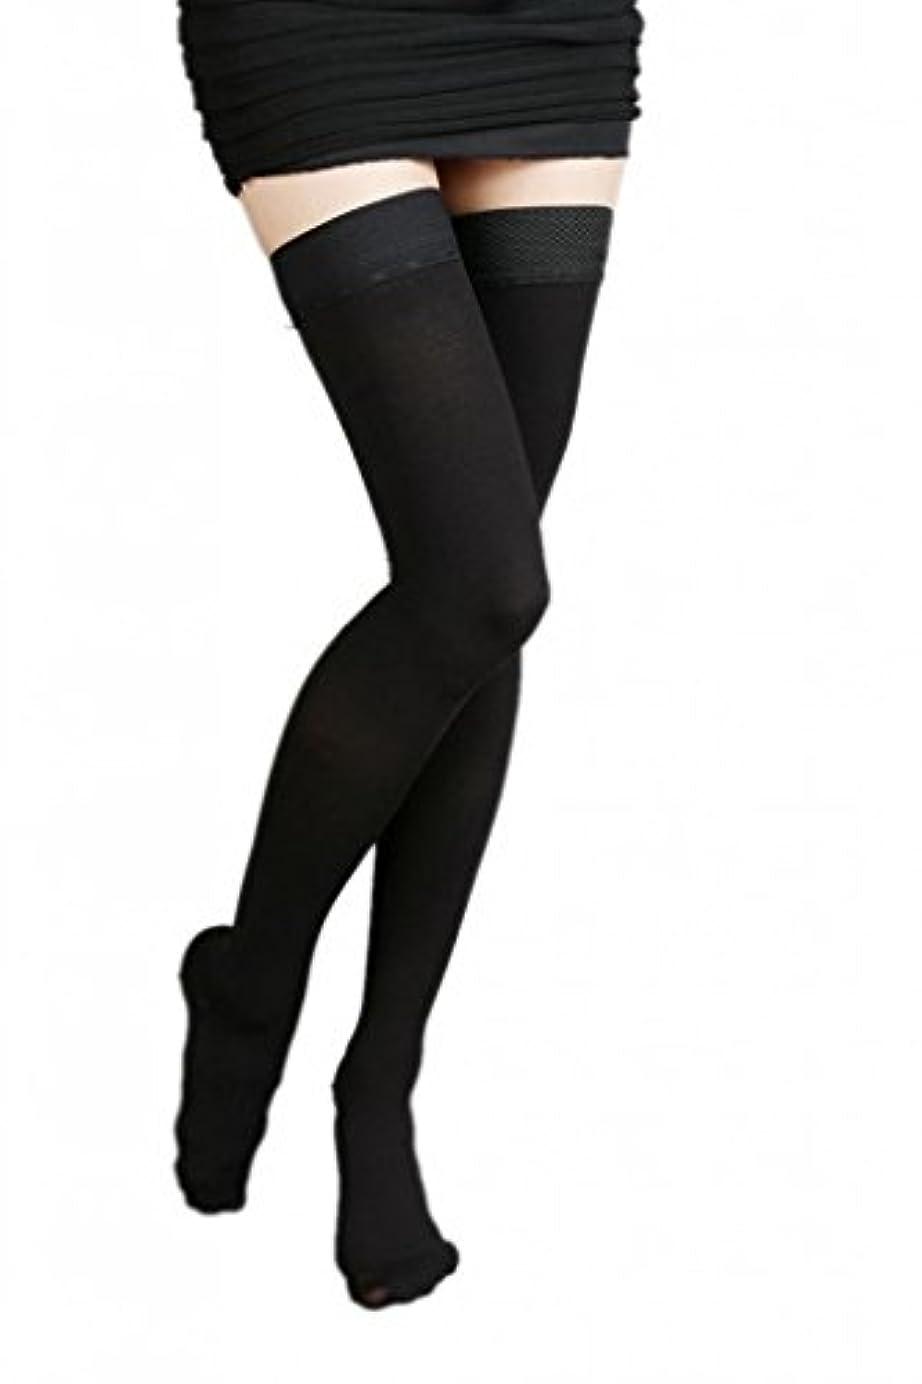 中央値密説得(ラボーグ)La Vogue 美脚 着圧オーバーニーソックス ハイソックス 靴下 弾性ストッキング つま先あり着圧ソックス XL 2級中圧 黒色